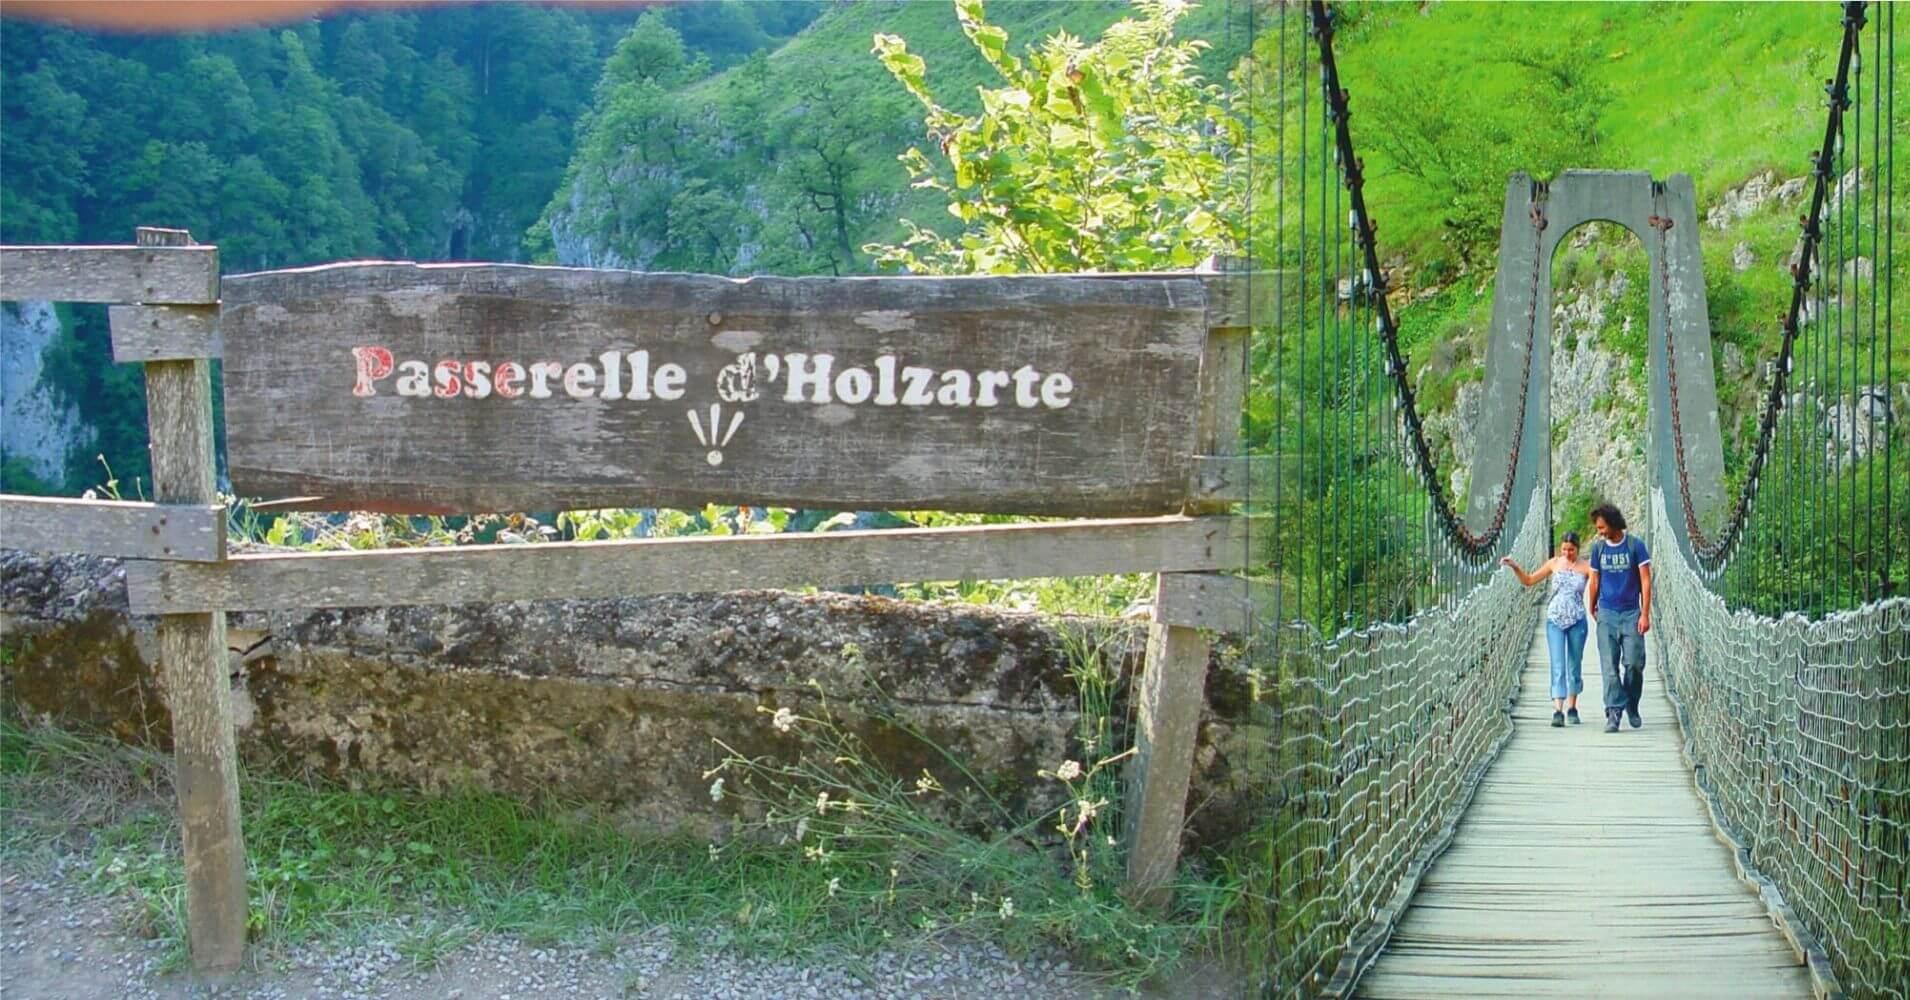 Pasarela de Holzarte. Larrau, Pirineos Atlánticos. Nueva Aquitania. Francia.